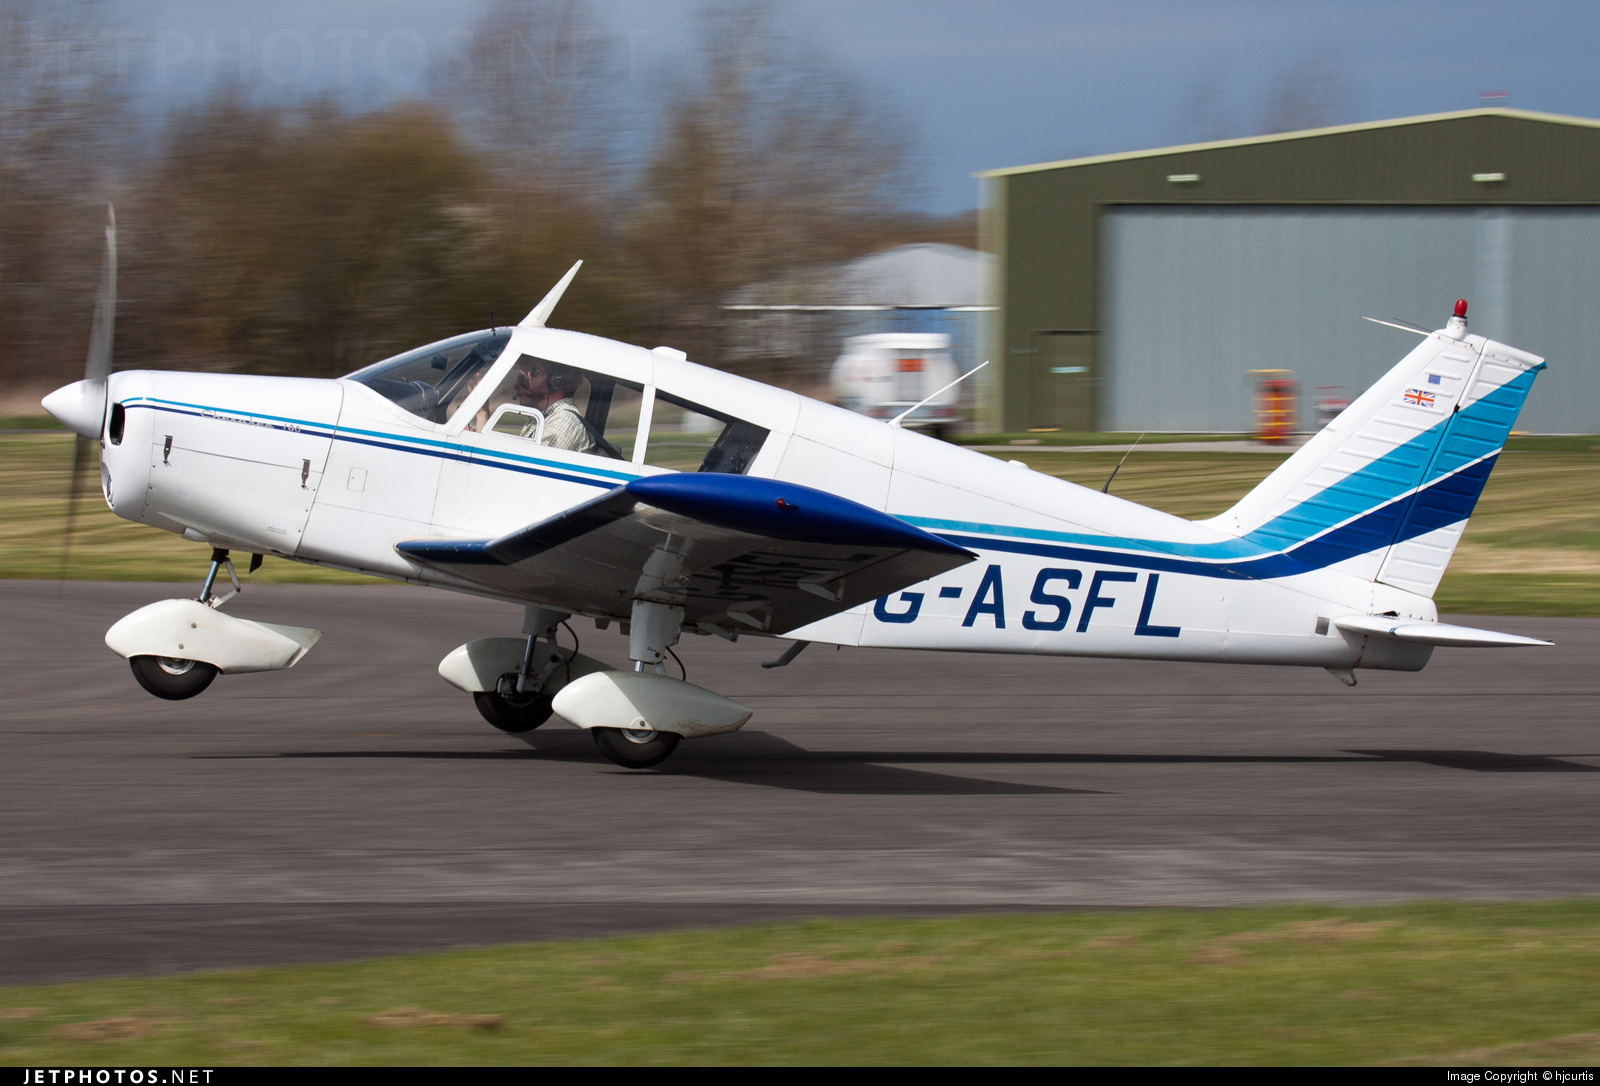 G-ASFL - Piper PA-28-180 Cherokee B - Private